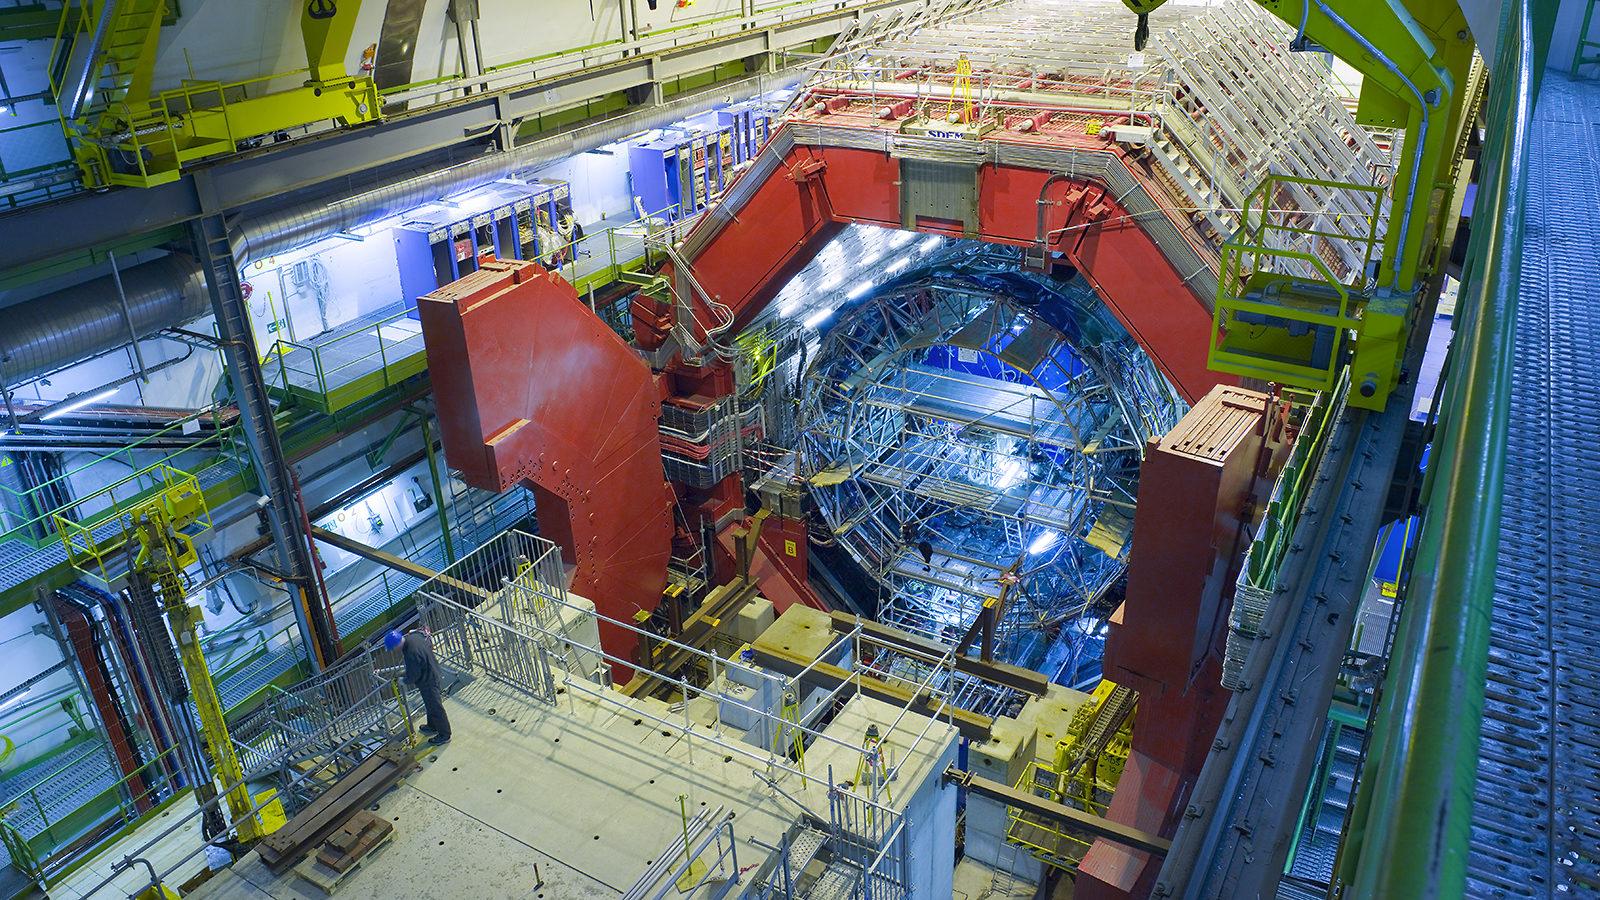 ALICE detector with its red doors open